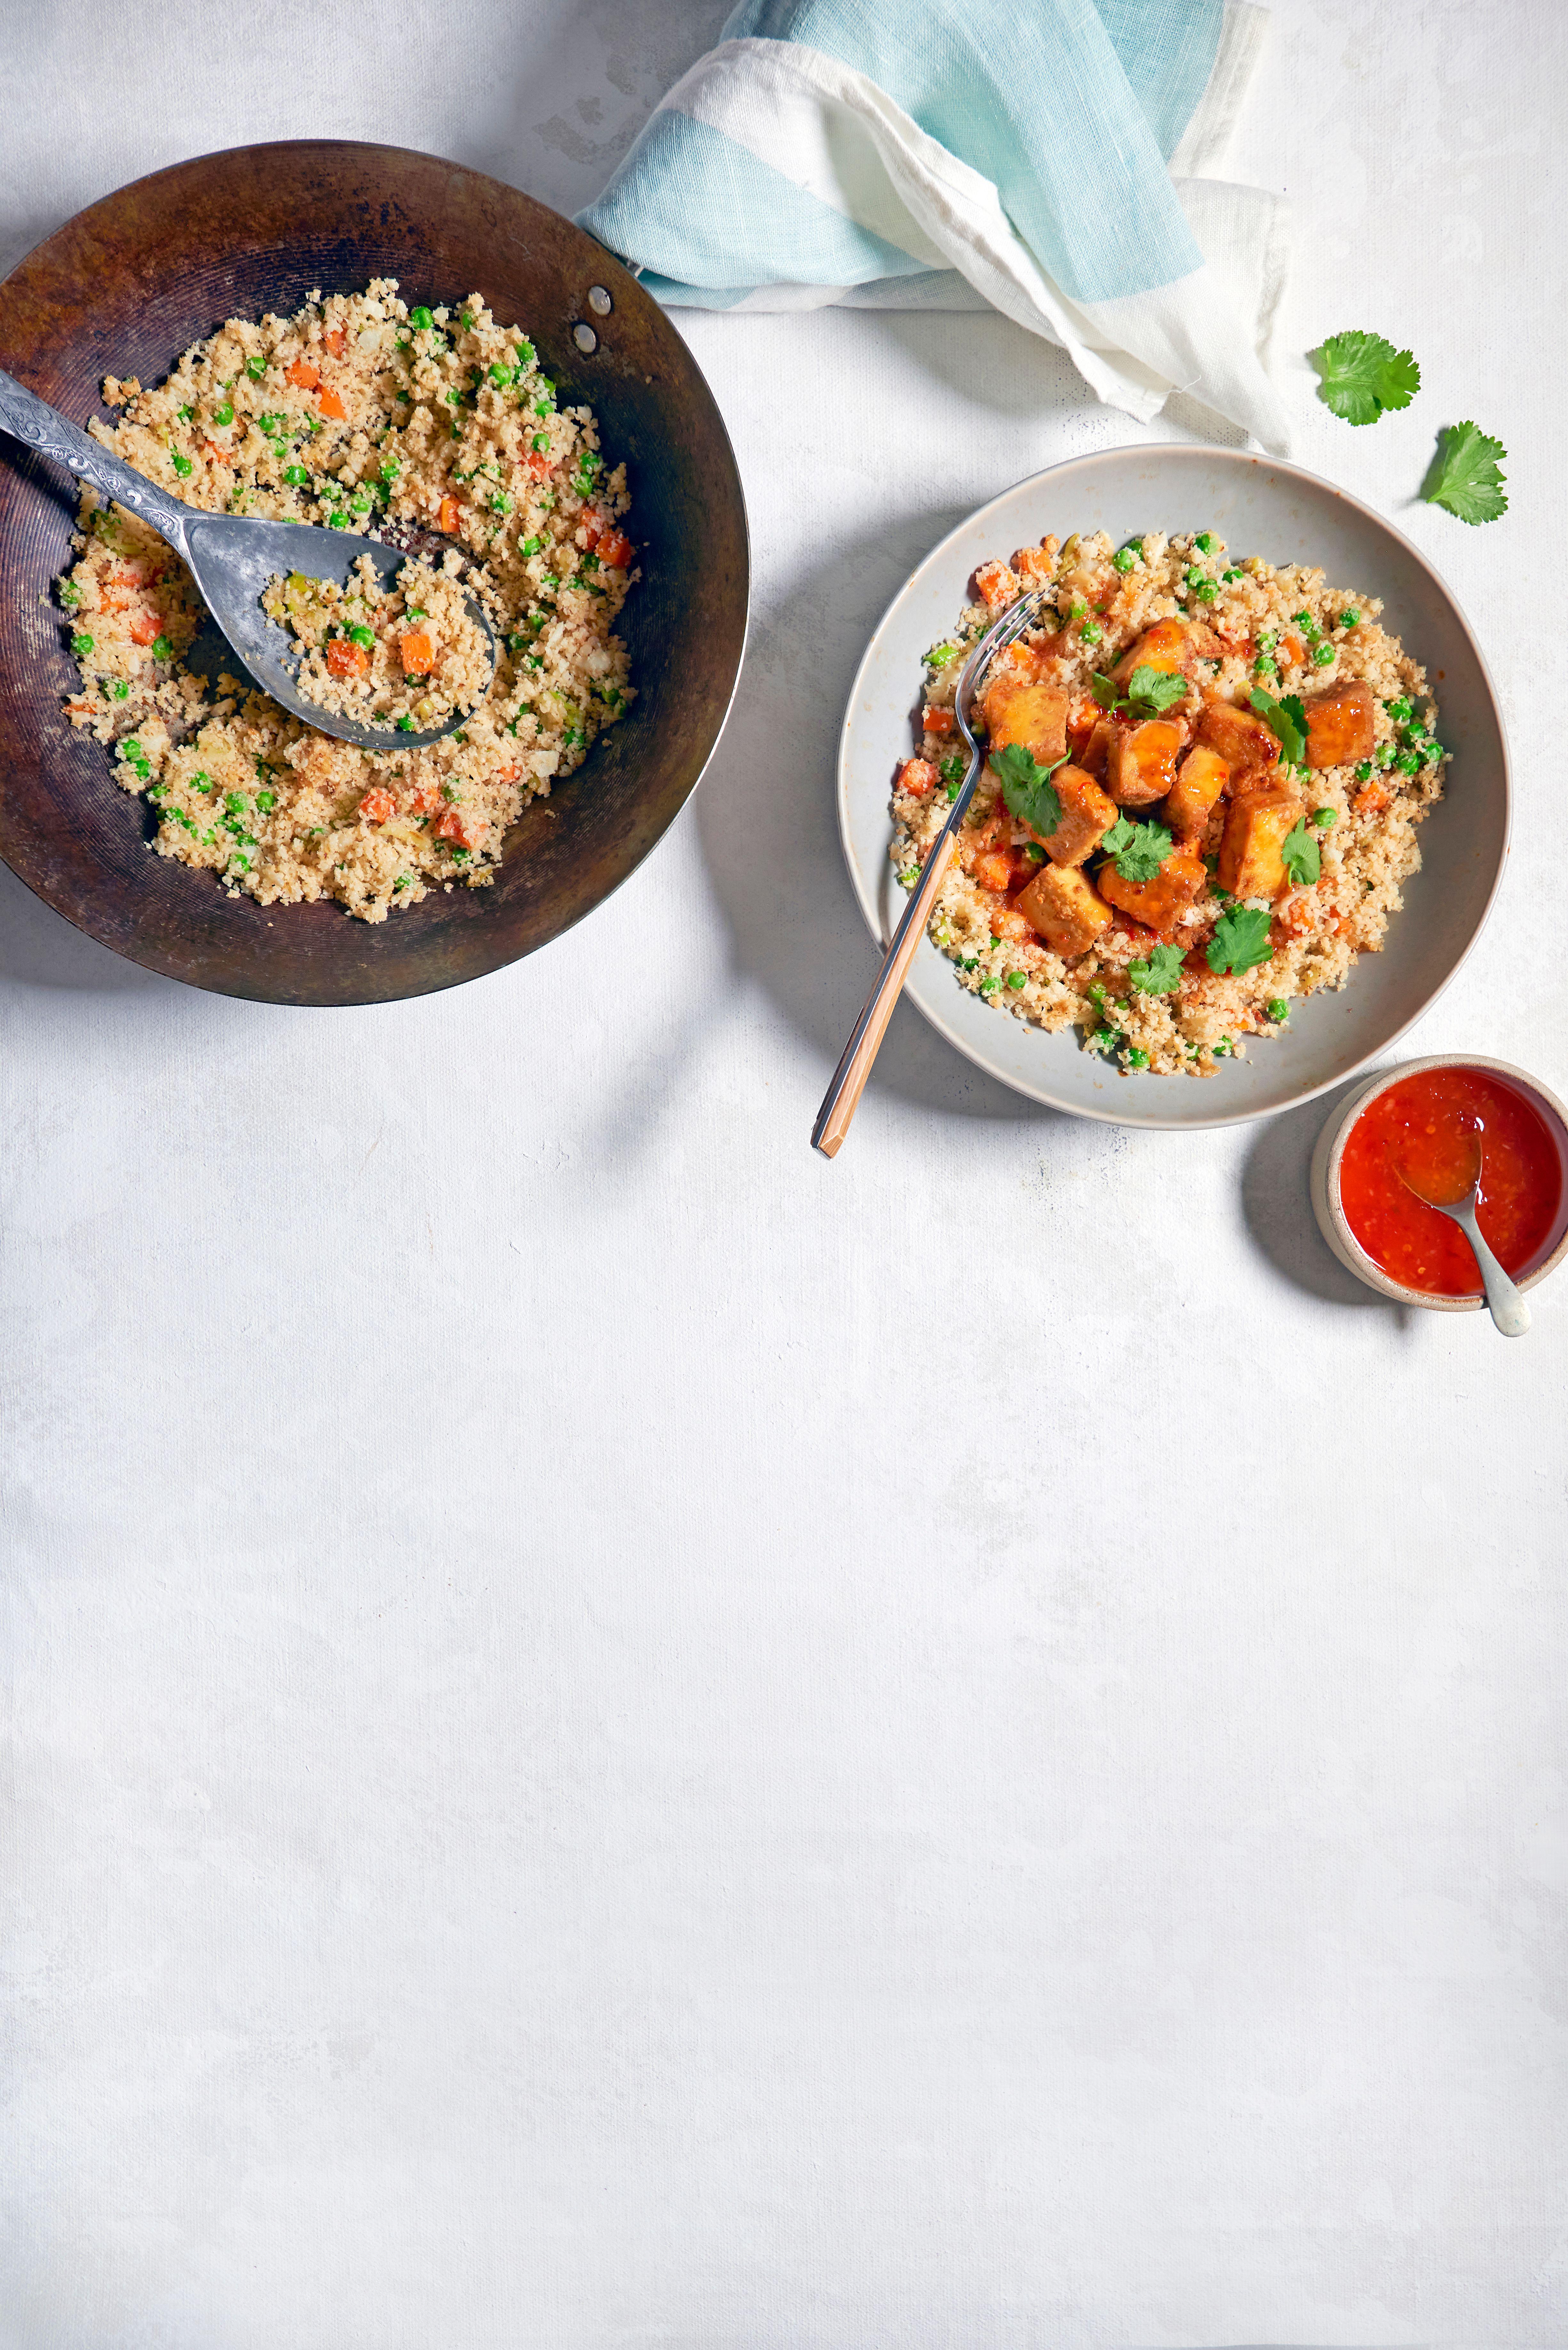 O farfurie de orez conopidă cu un sos roșu pe lateral